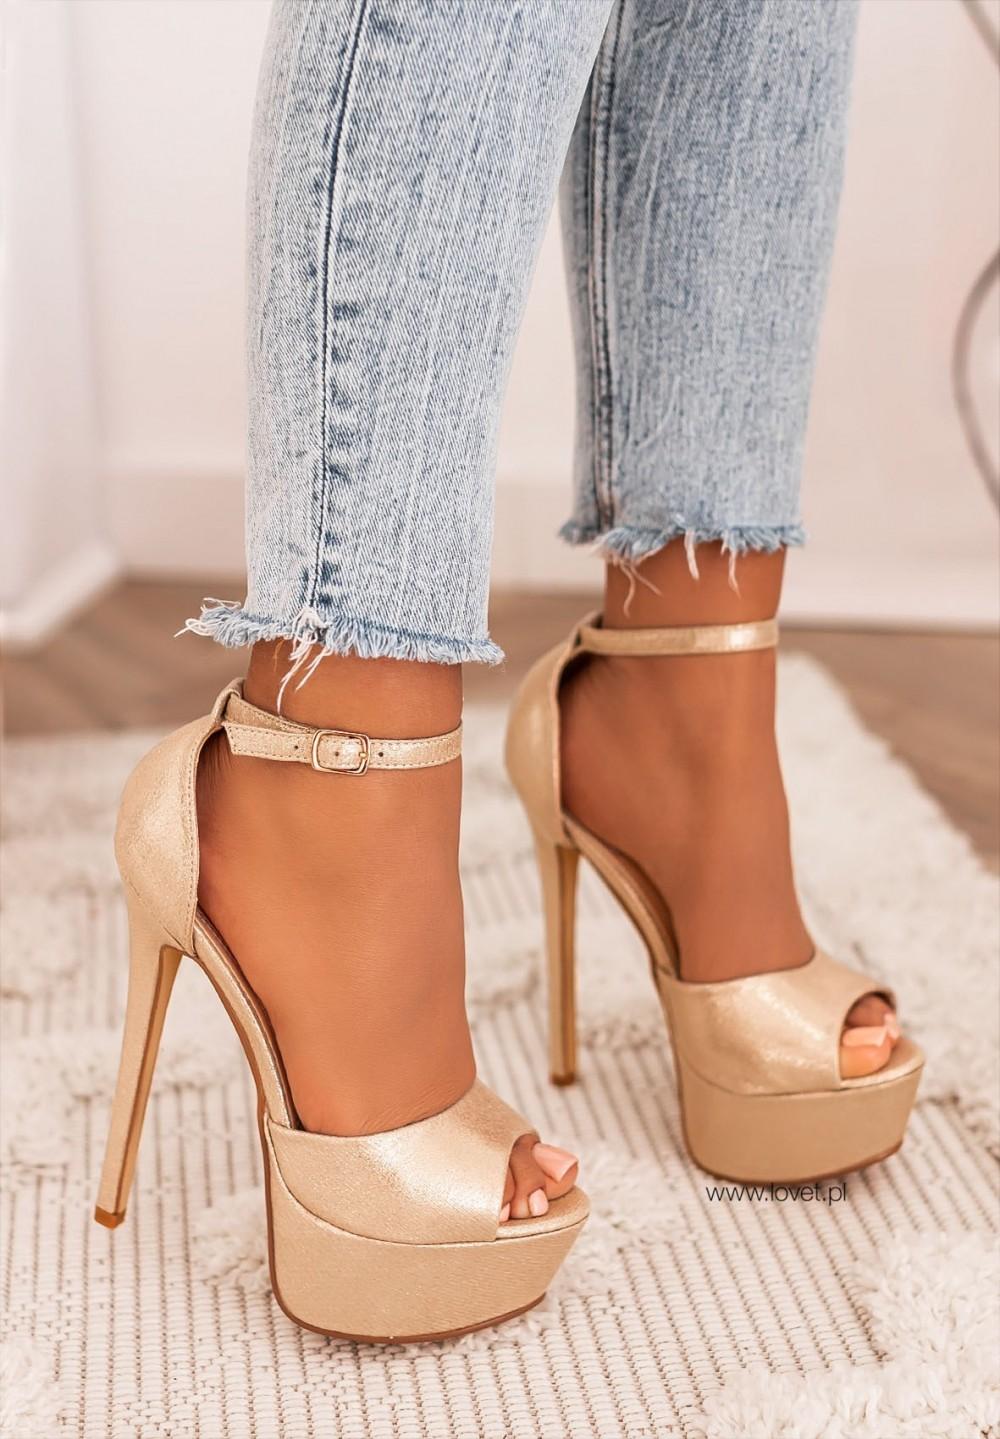 Sandałki Szpilki na Platformie Złote Alexa